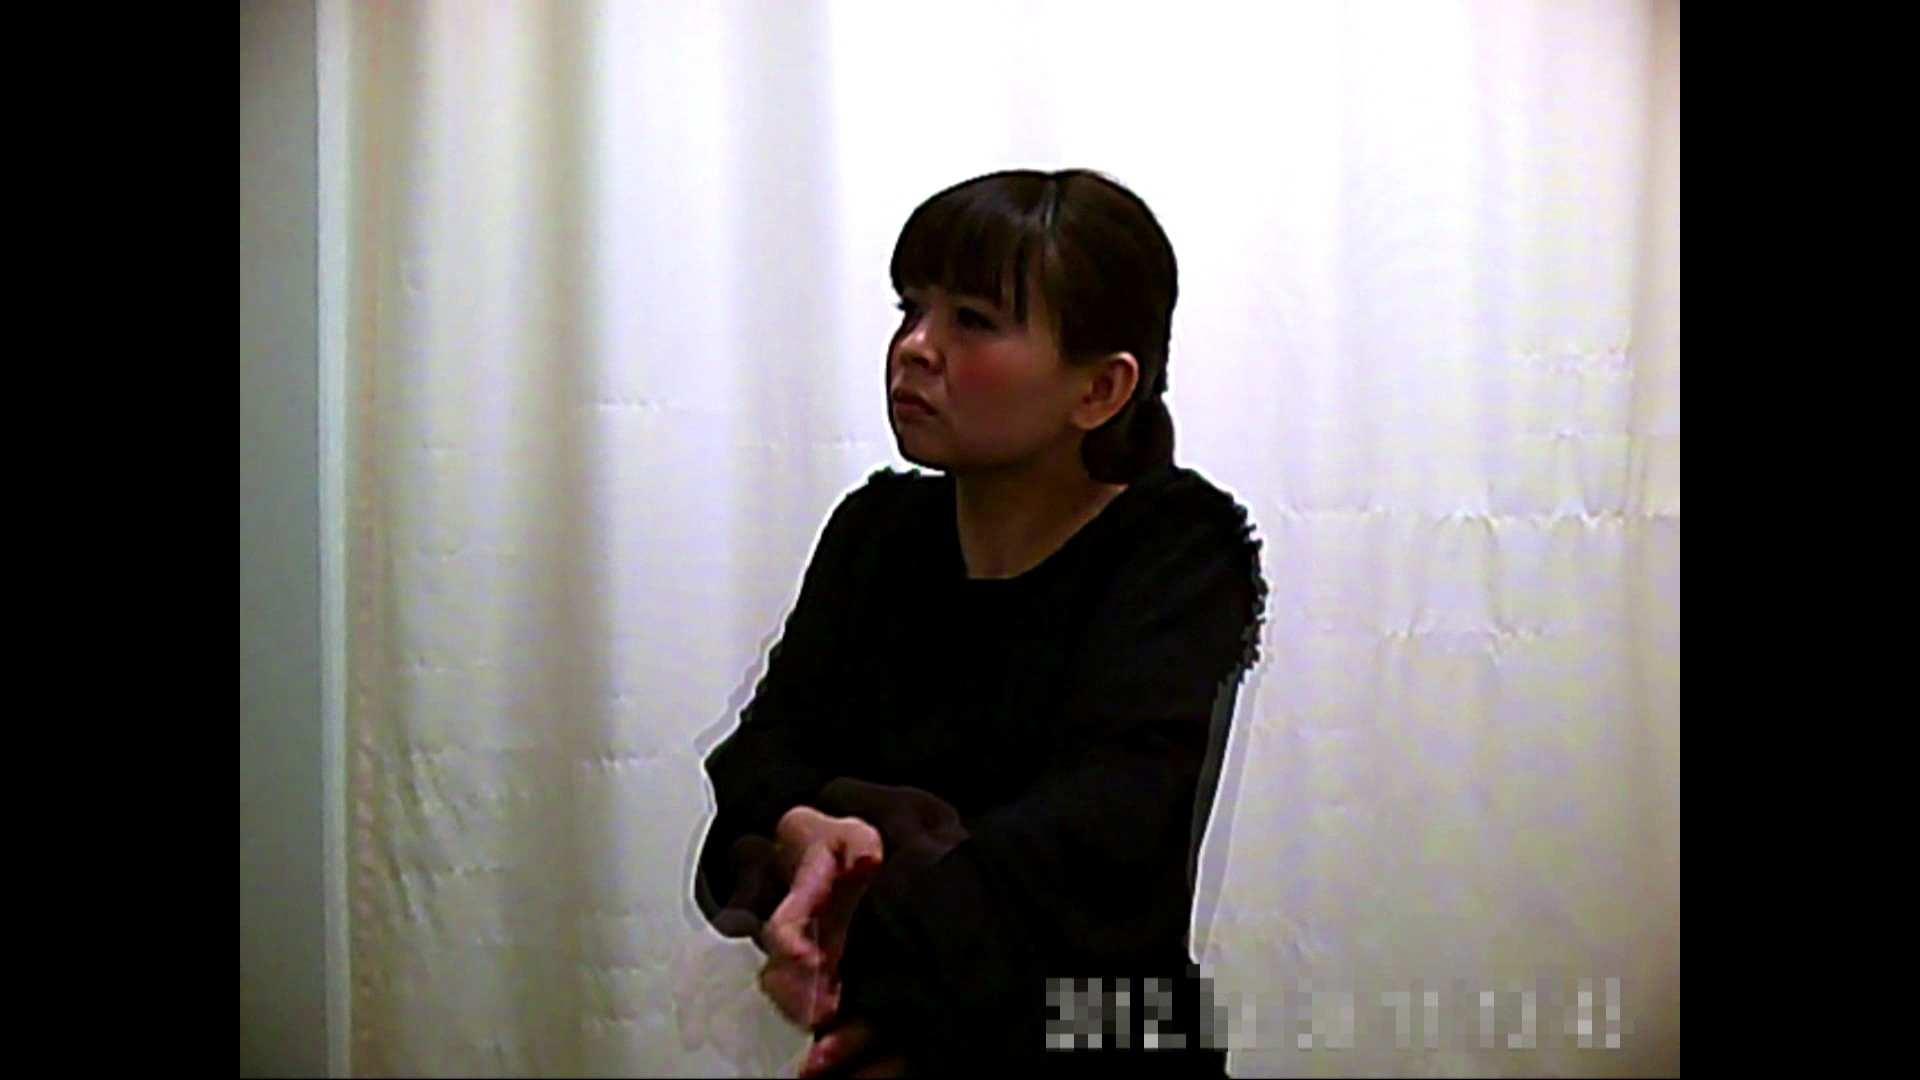 元医者による反抗 更衣室地獄絵巻 vol.023 お姉さんのSEX AV動画キャプチャ 96枚 65